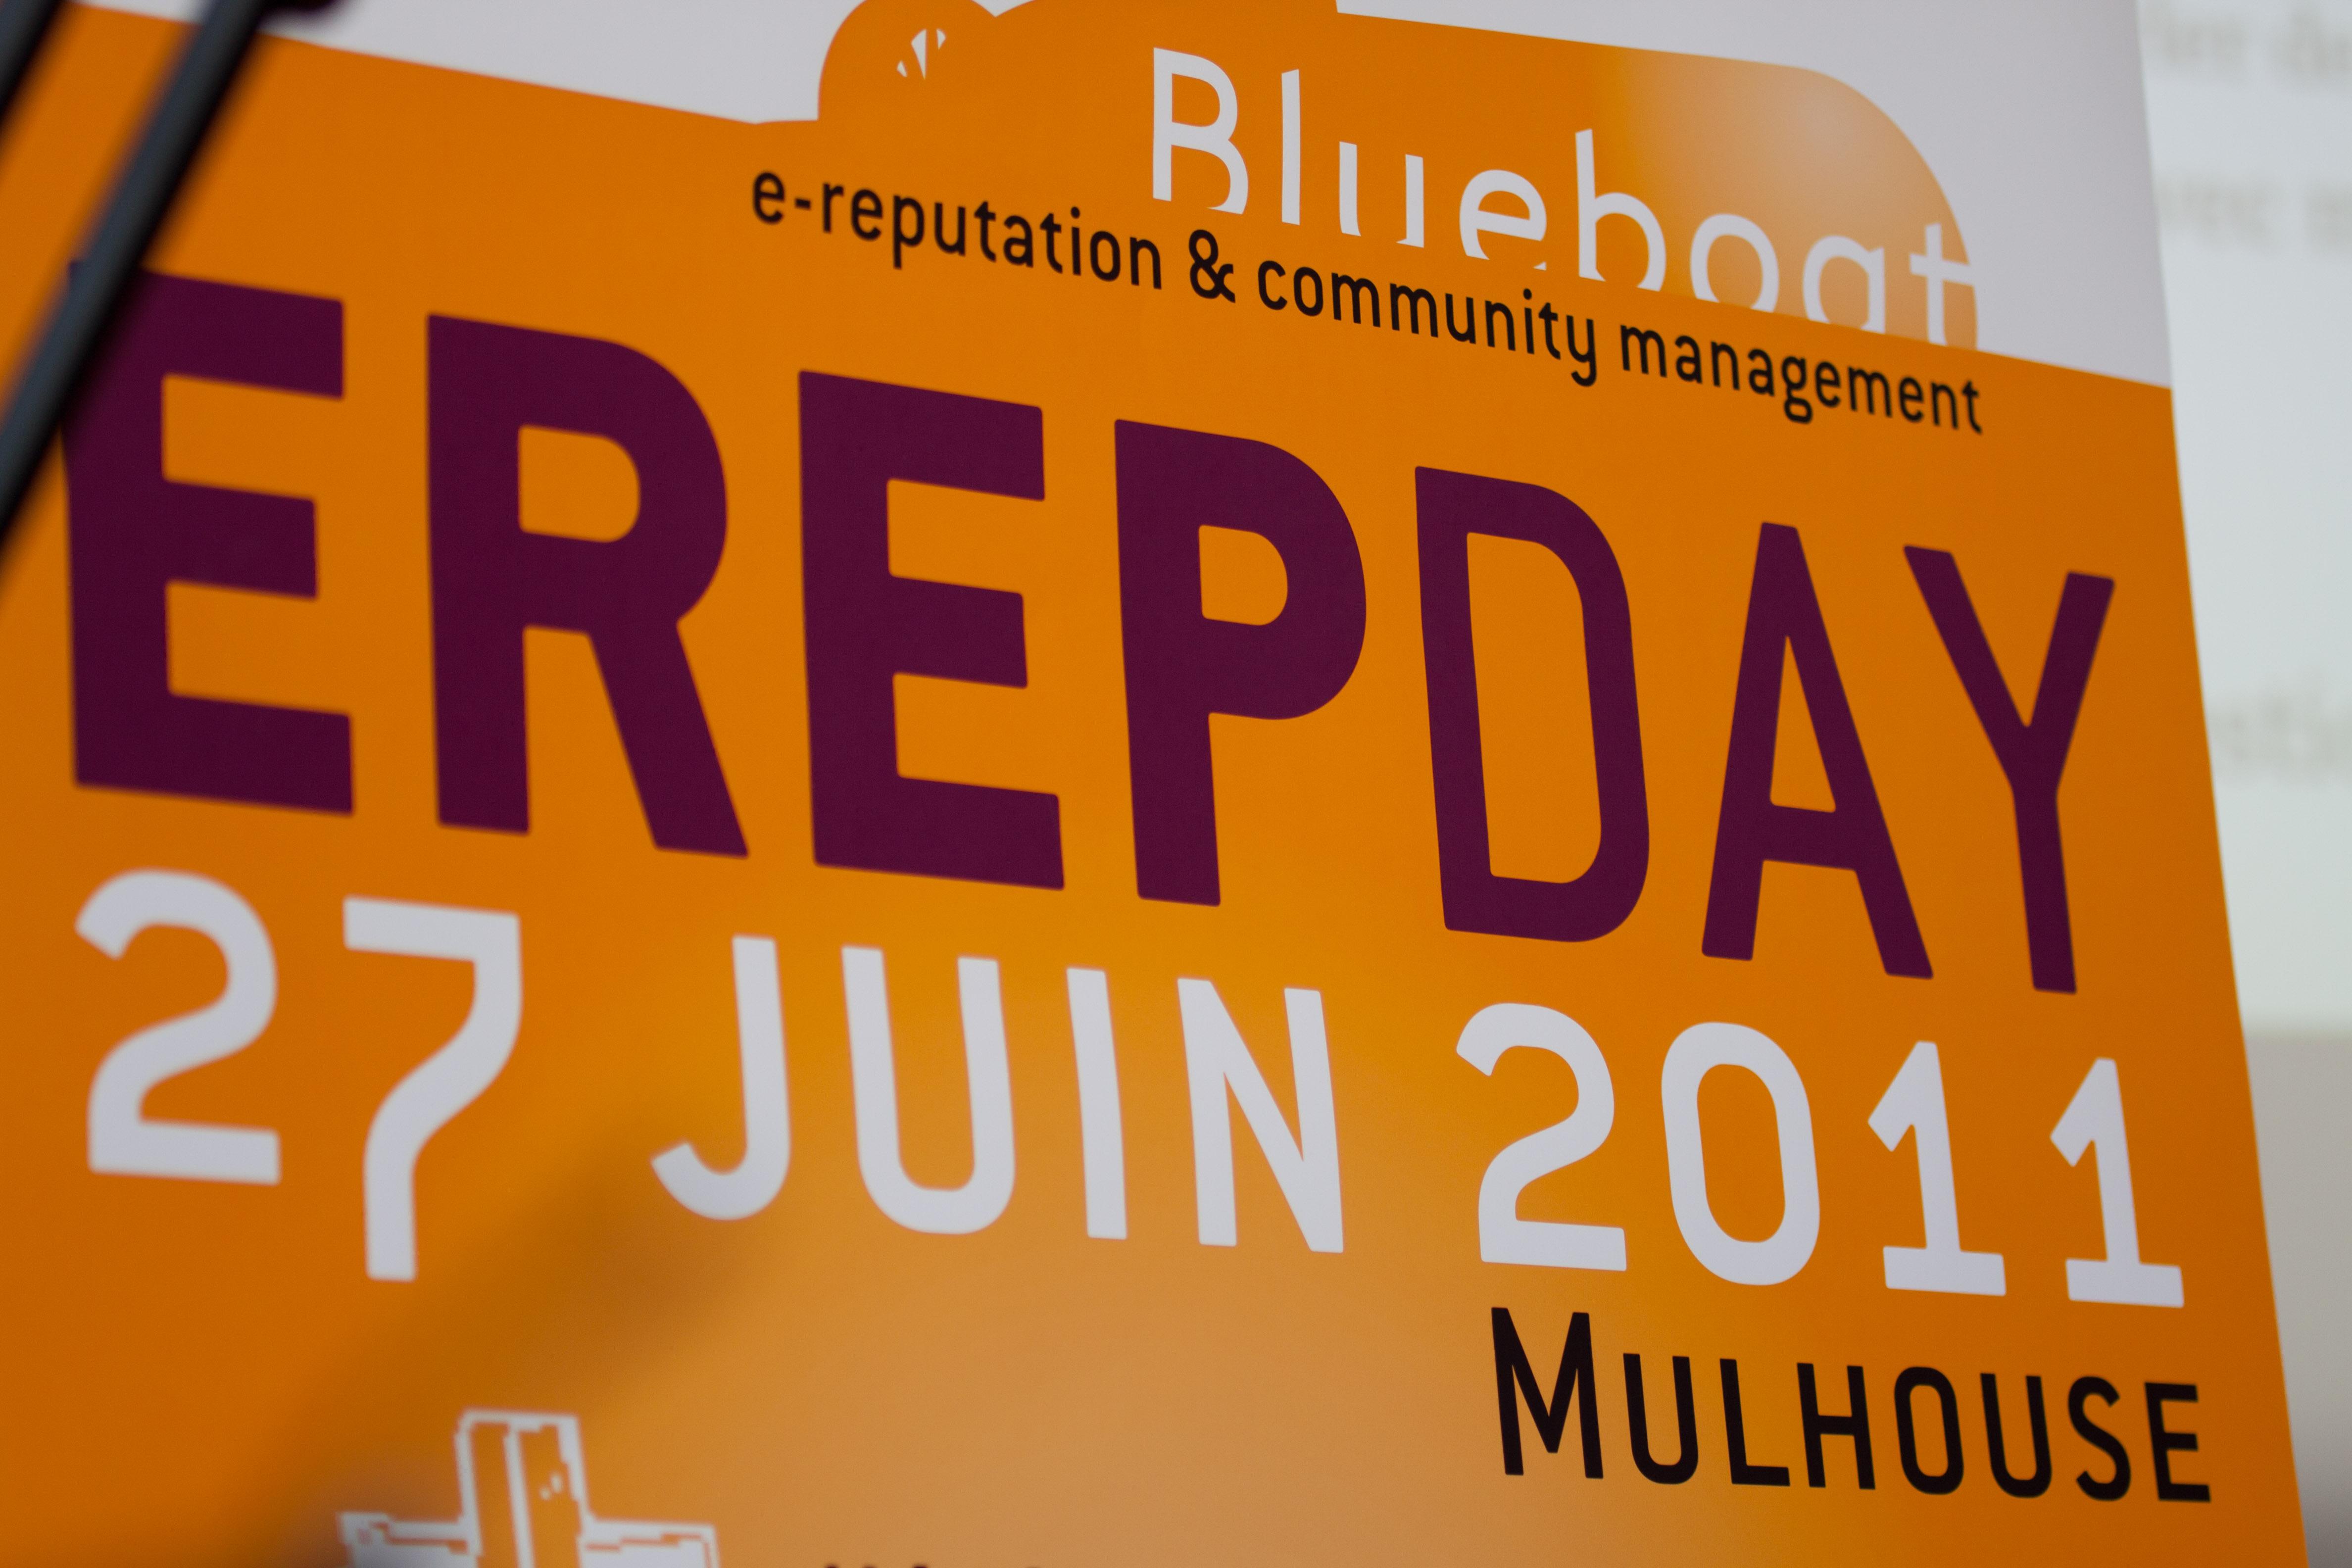 2011 : première édition de l'Erepday